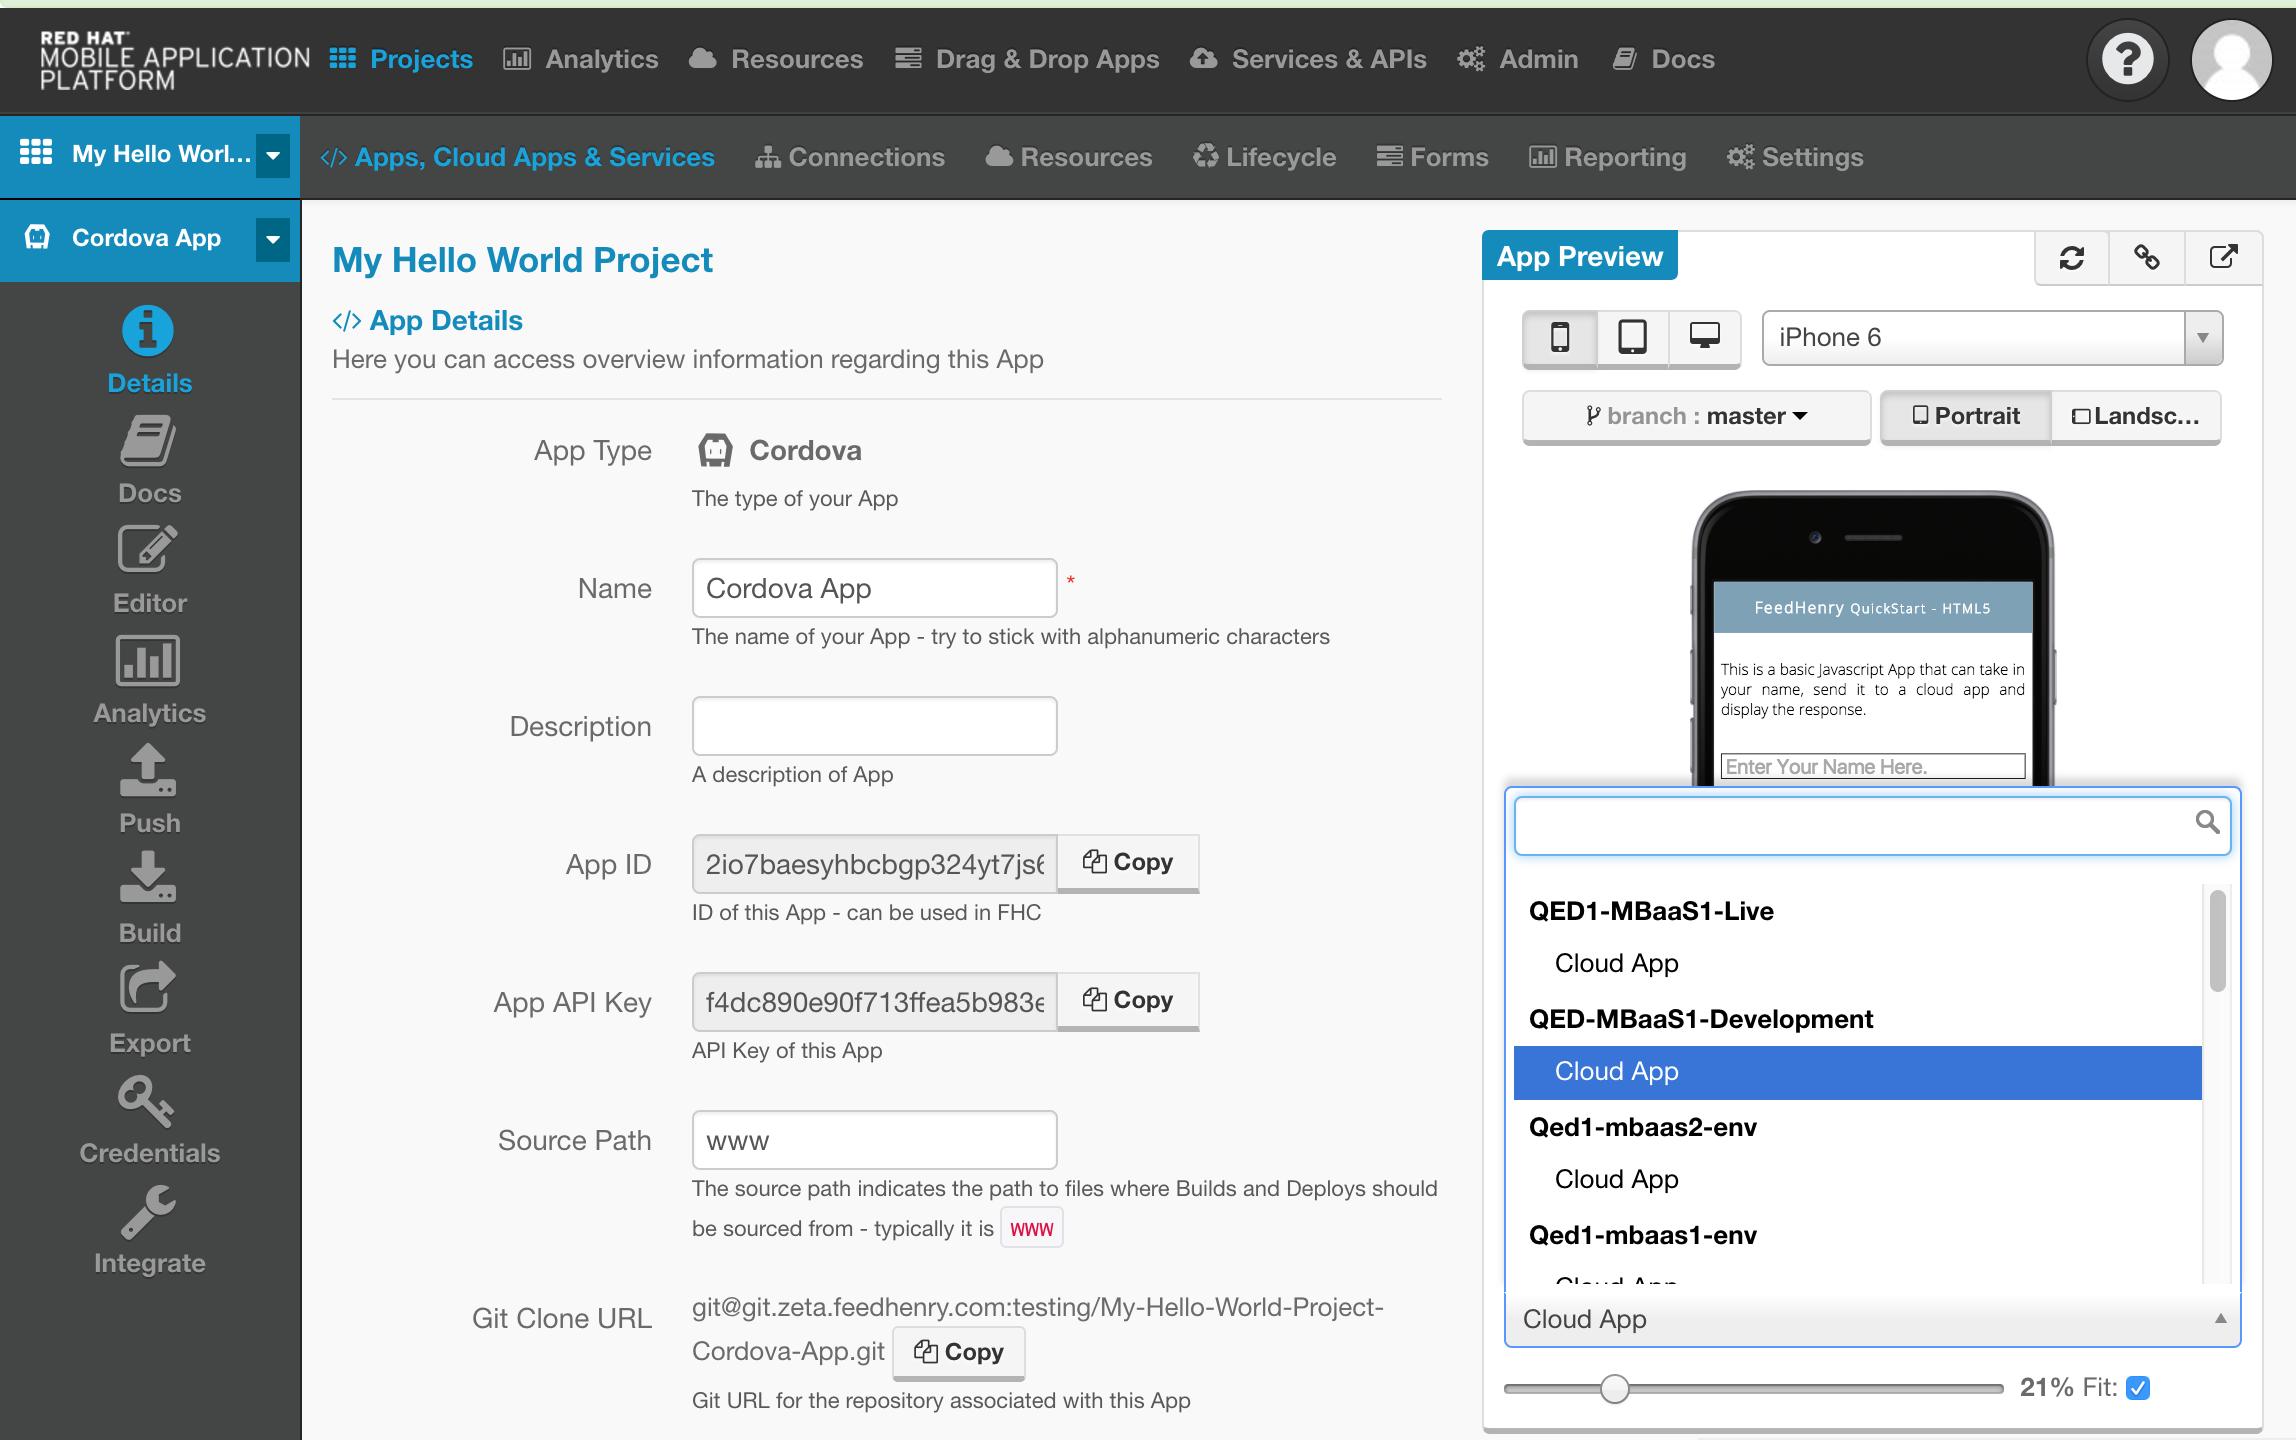 Client App Environment Details